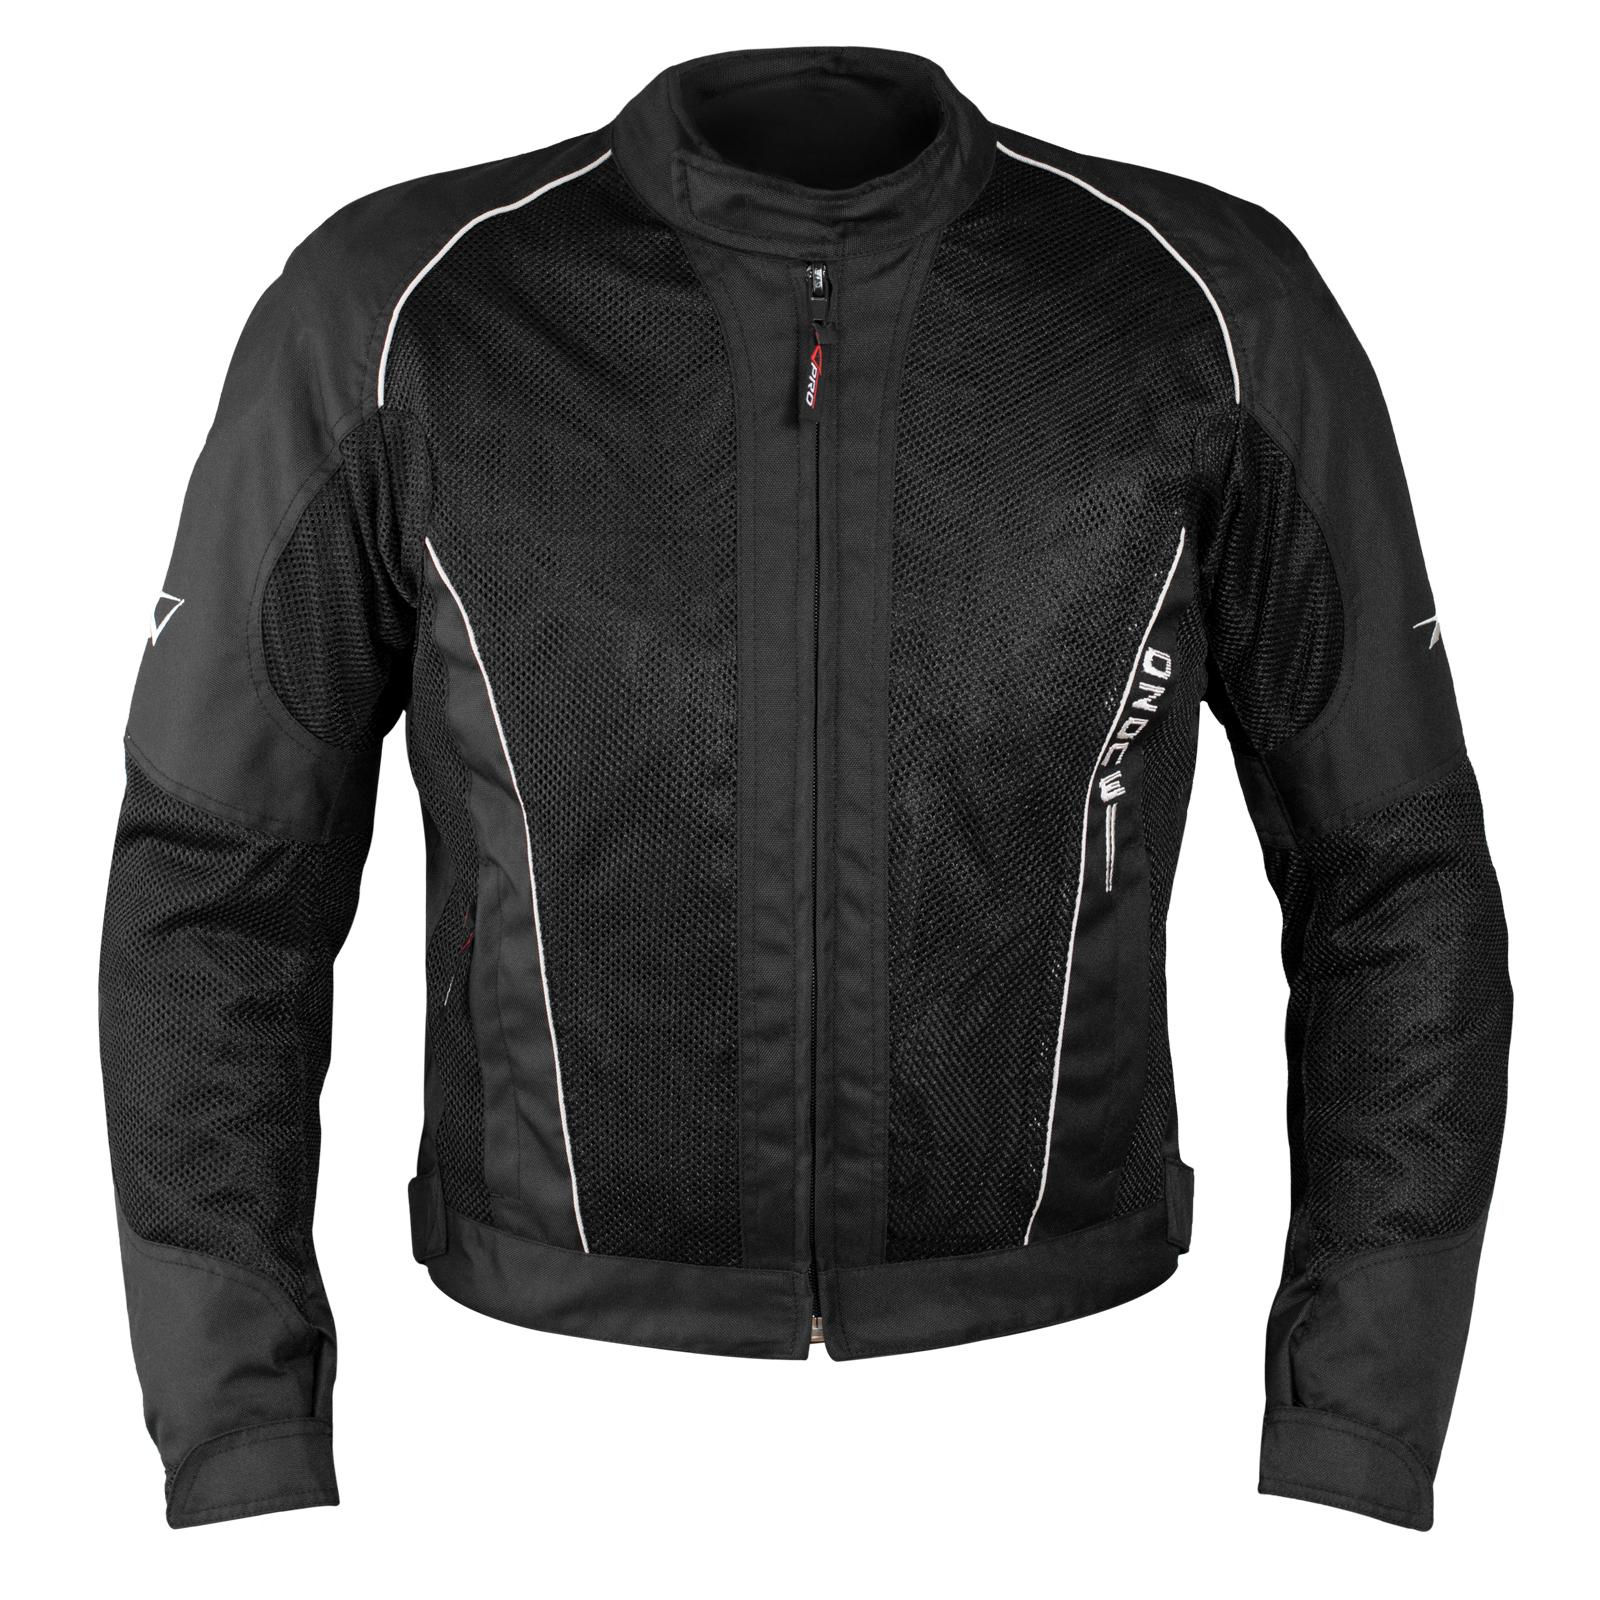 Giacca-Giubbino-Mesh-Traforato-Traspirante-Tessuto-Tecnico-Moto-Sport-Nero miniatuur 5